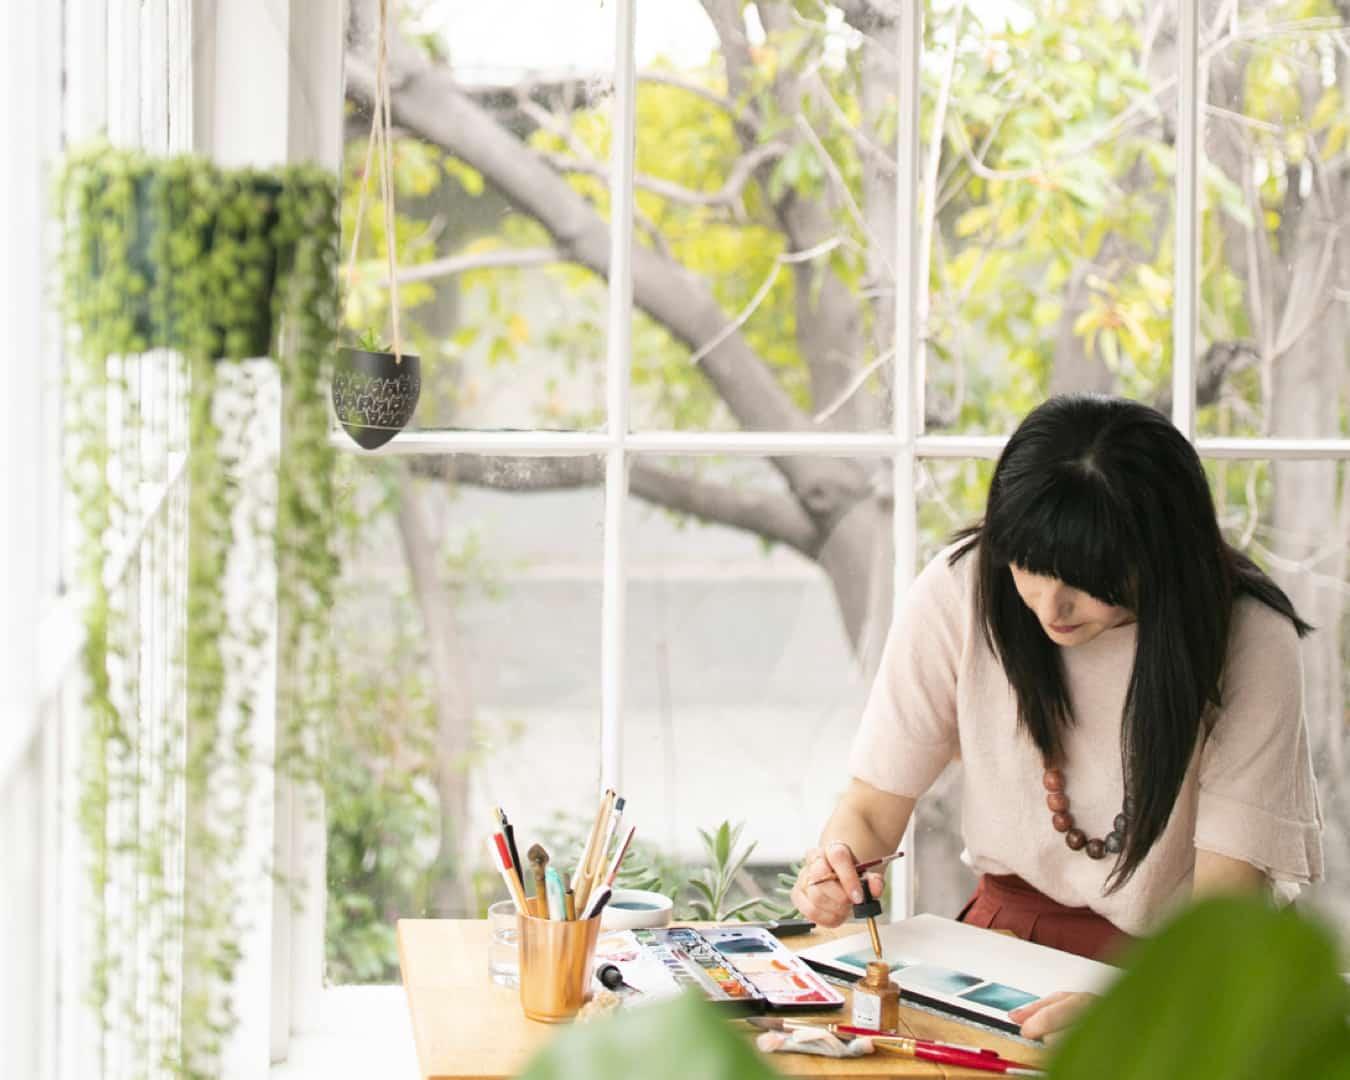 Minted artist Aspacia Kusulas in her studio.